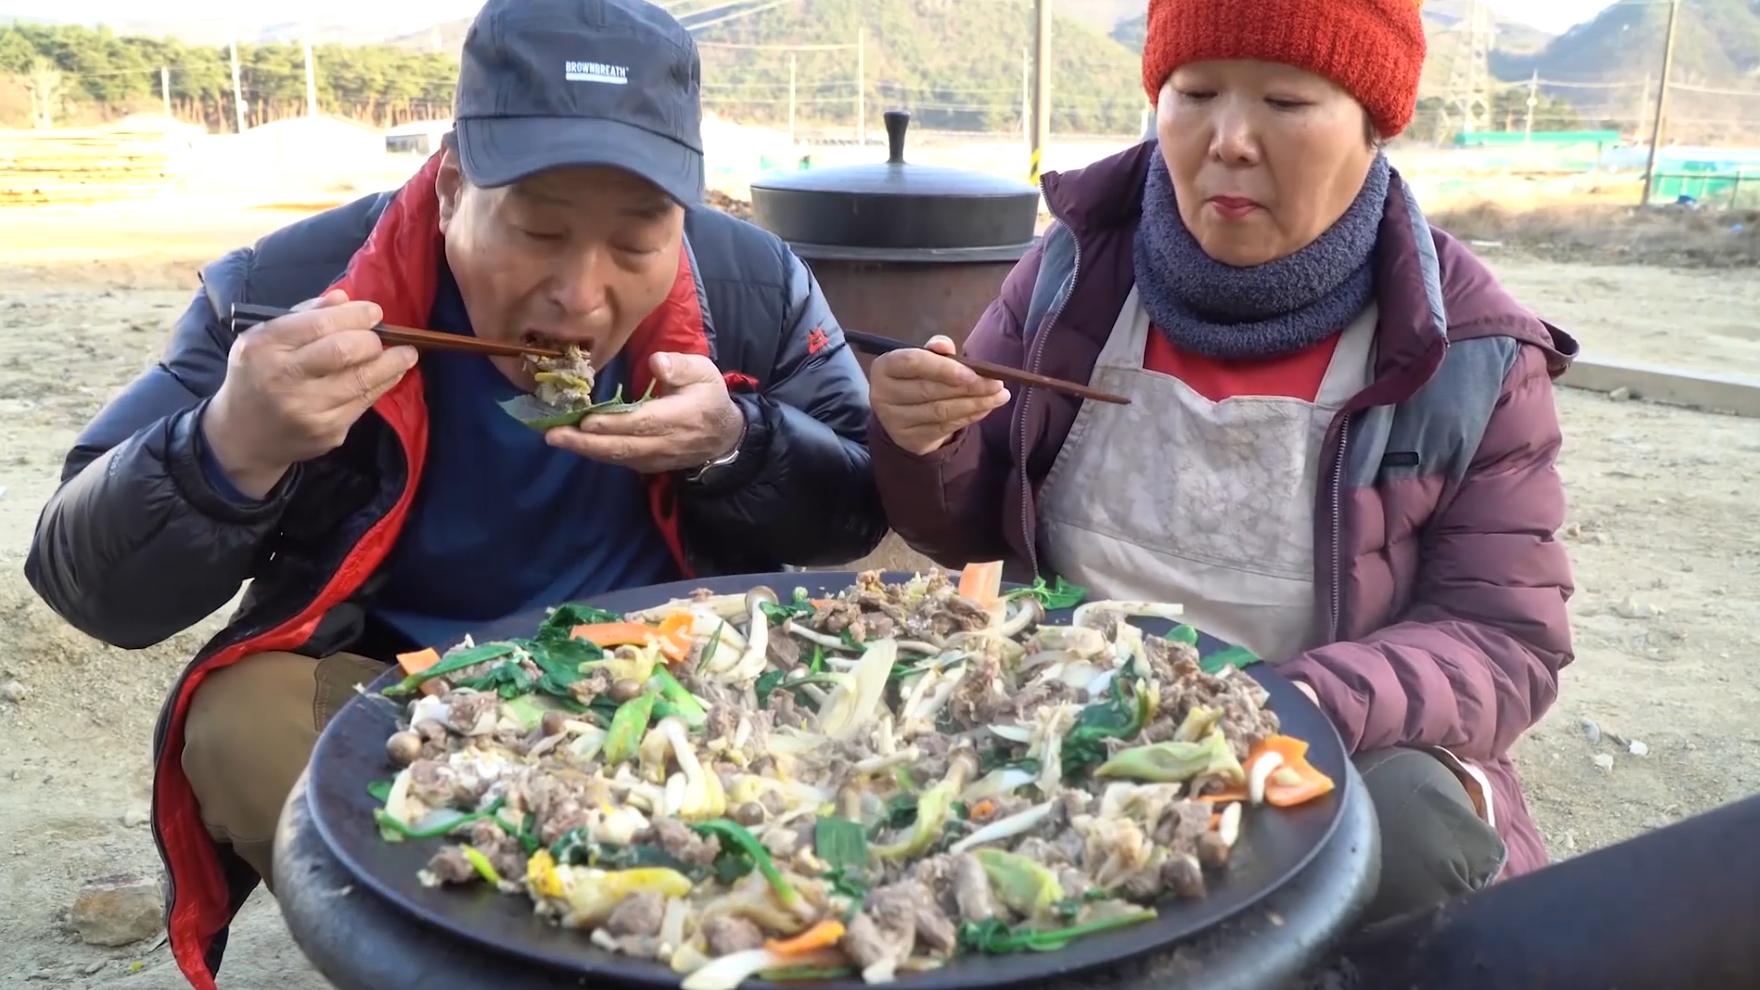 妈妈做了一大锅美味炒羊肉,加入蔬菜可以让羊肉的味道更干净哦!